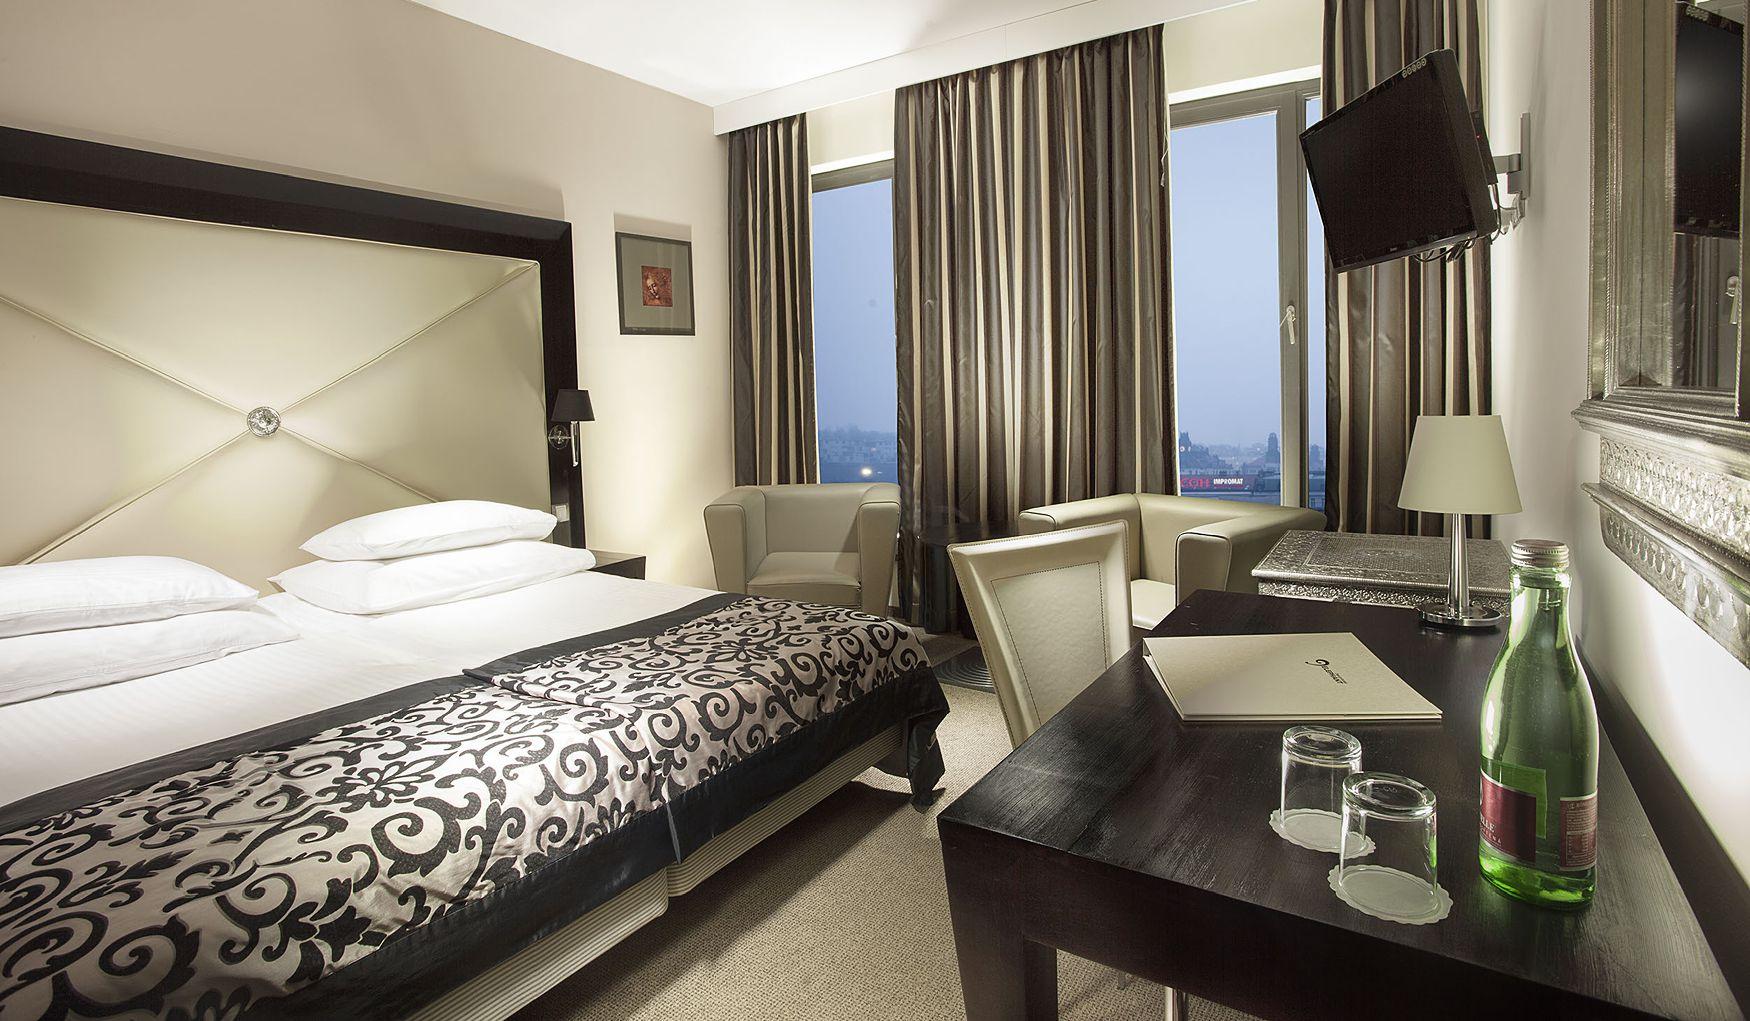 Designhotel elephant prague 4 for Design hotel elephant praga